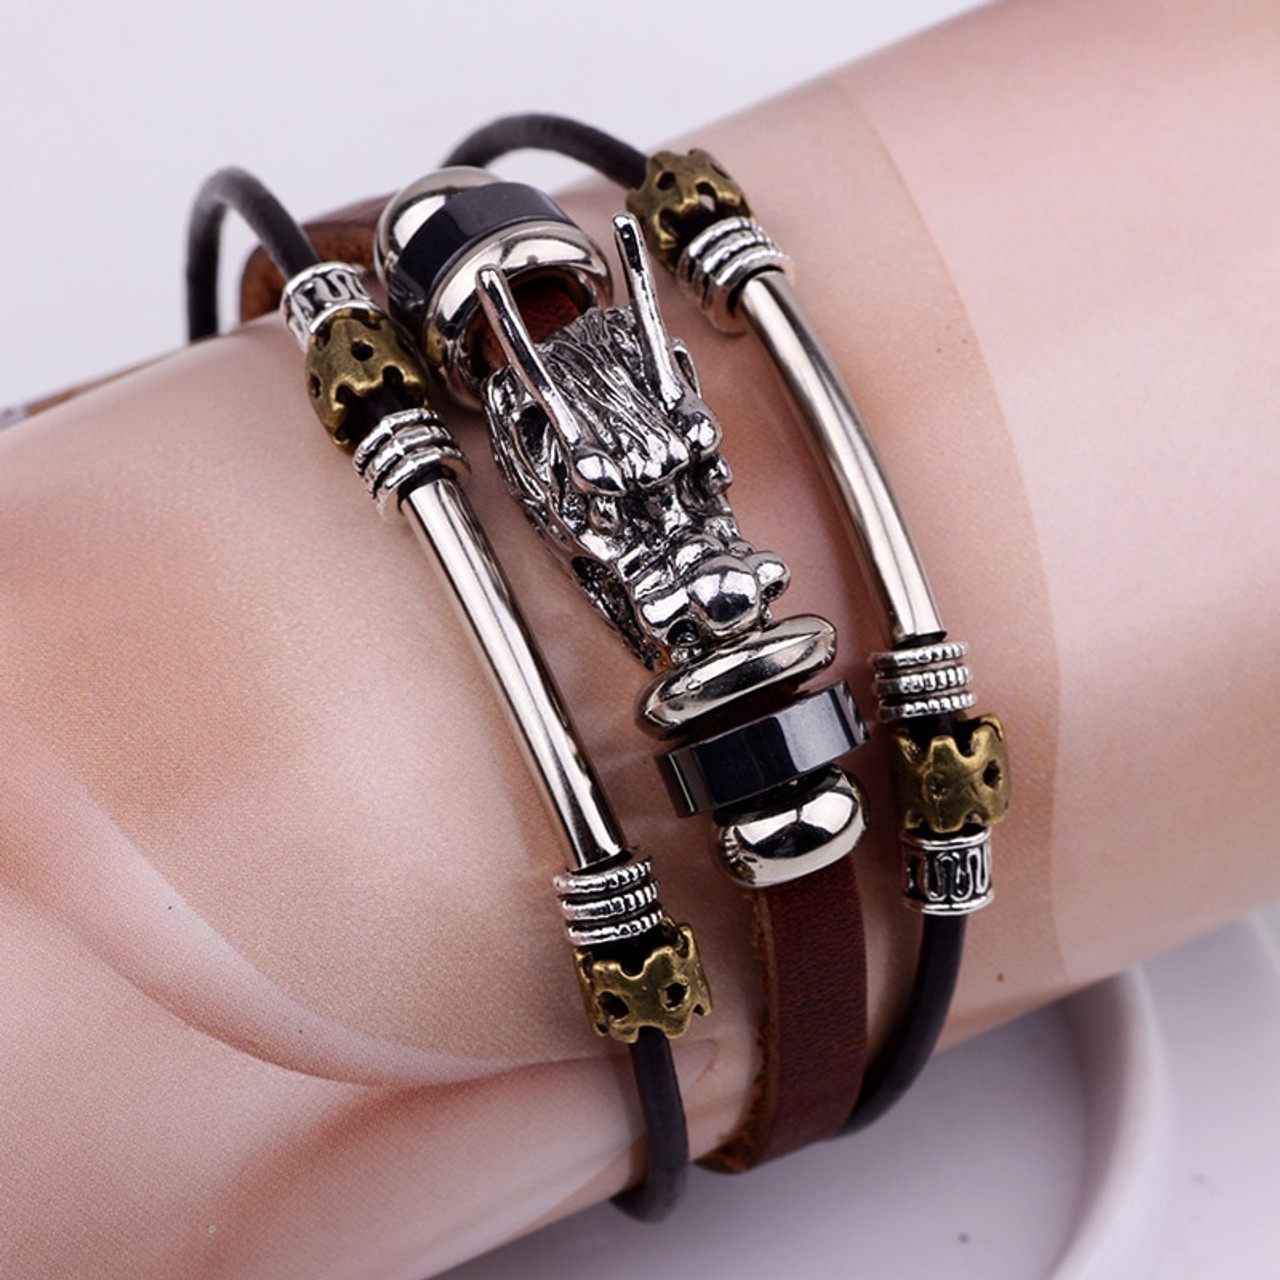 les ventes chaudes 031ff f2e50 bracelet men Accessoires homme 2018 Tibetan silver men leather bracelet  fashion male vintage parataxis dragon Multilayer jewelry